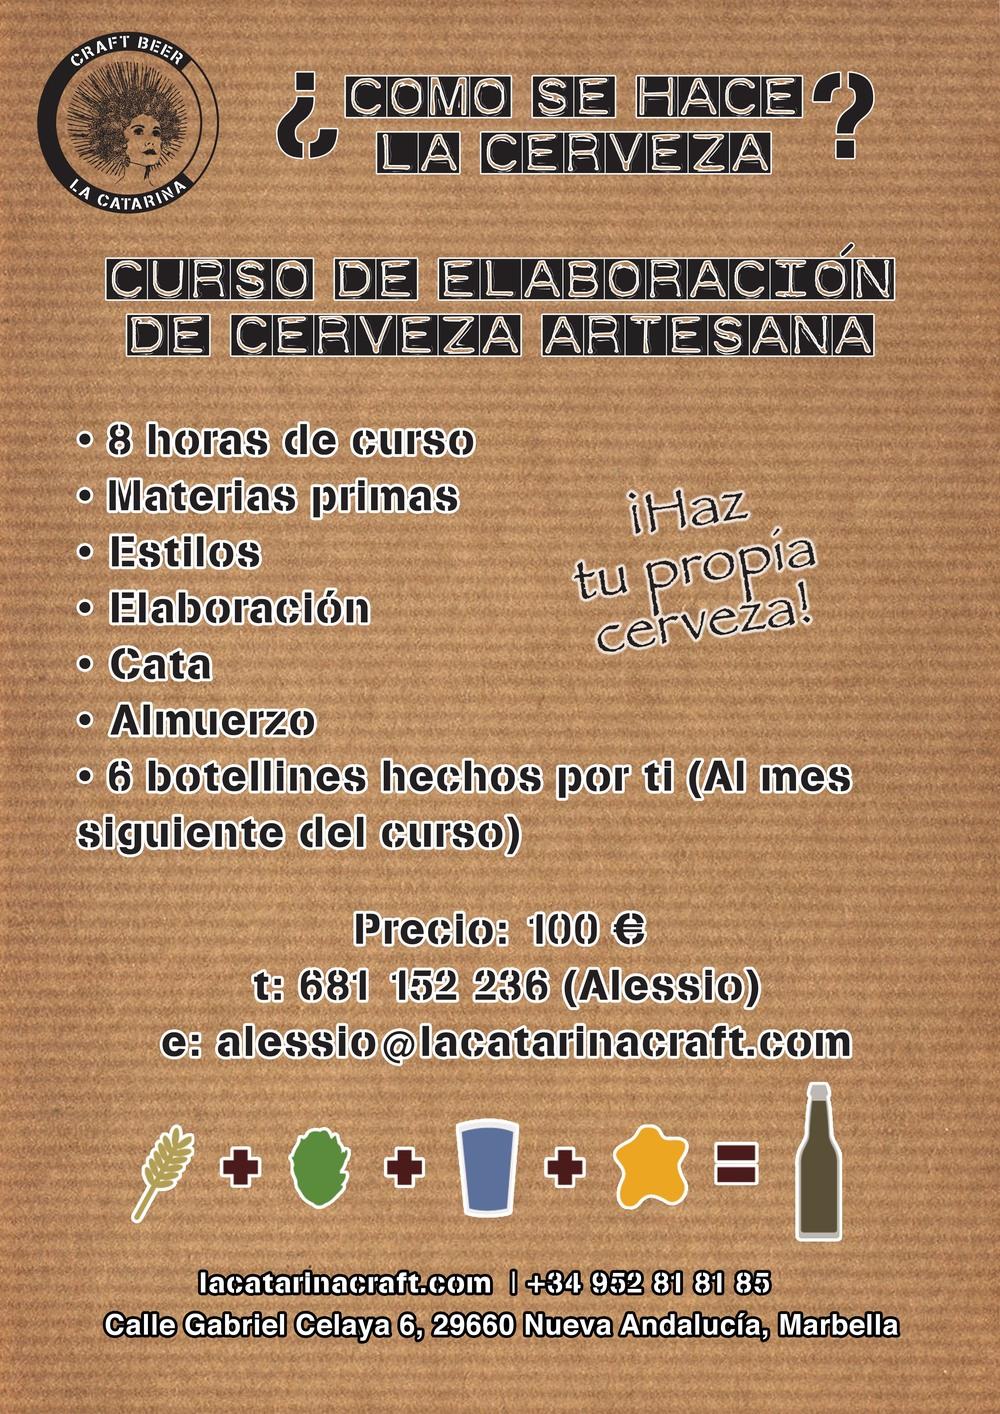 Cervezas Artesanas.jpg